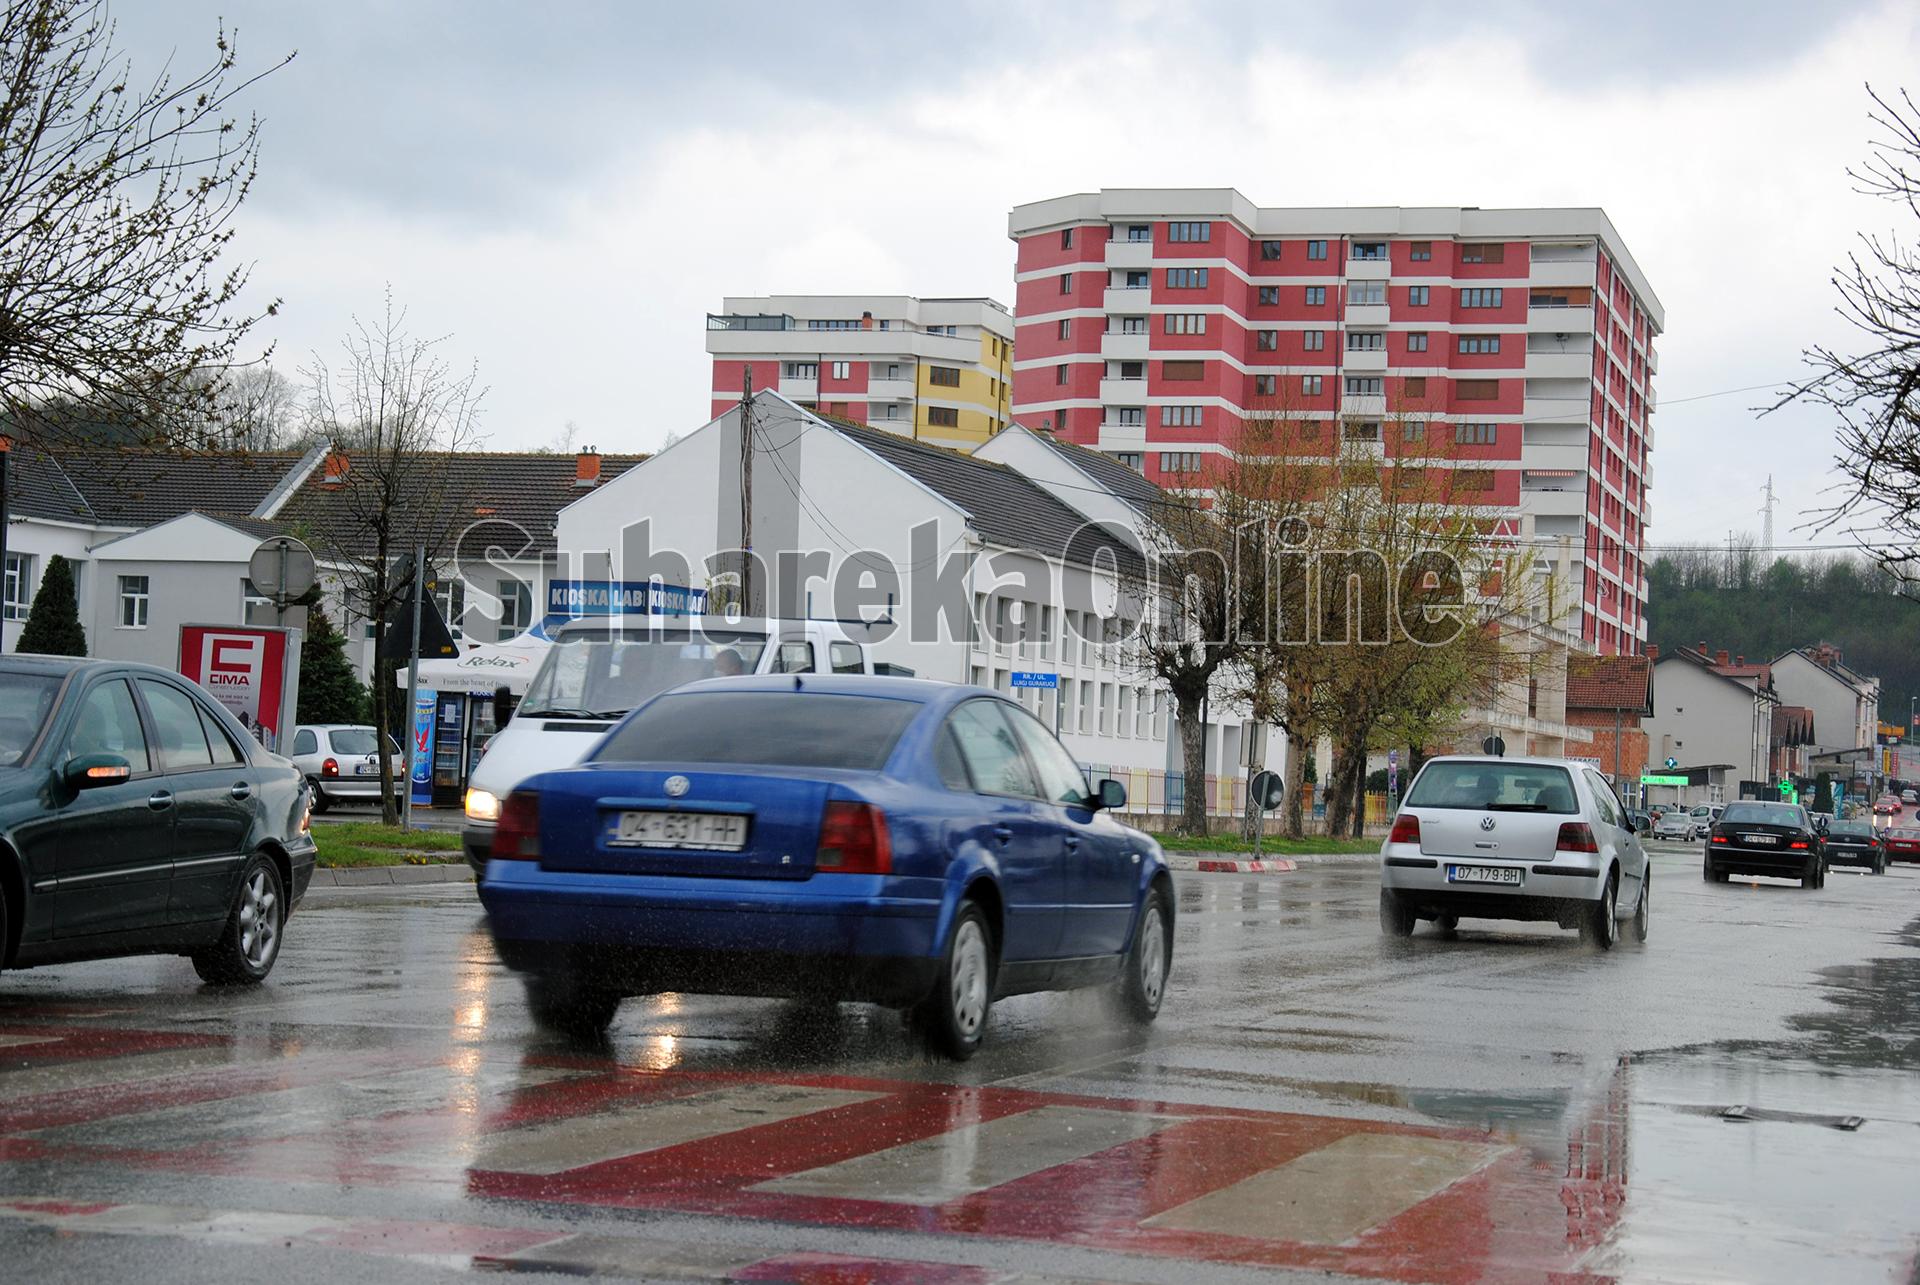 Moti sot i butë, kryesisht me vranësira me mundësi për reshje lokale shiu